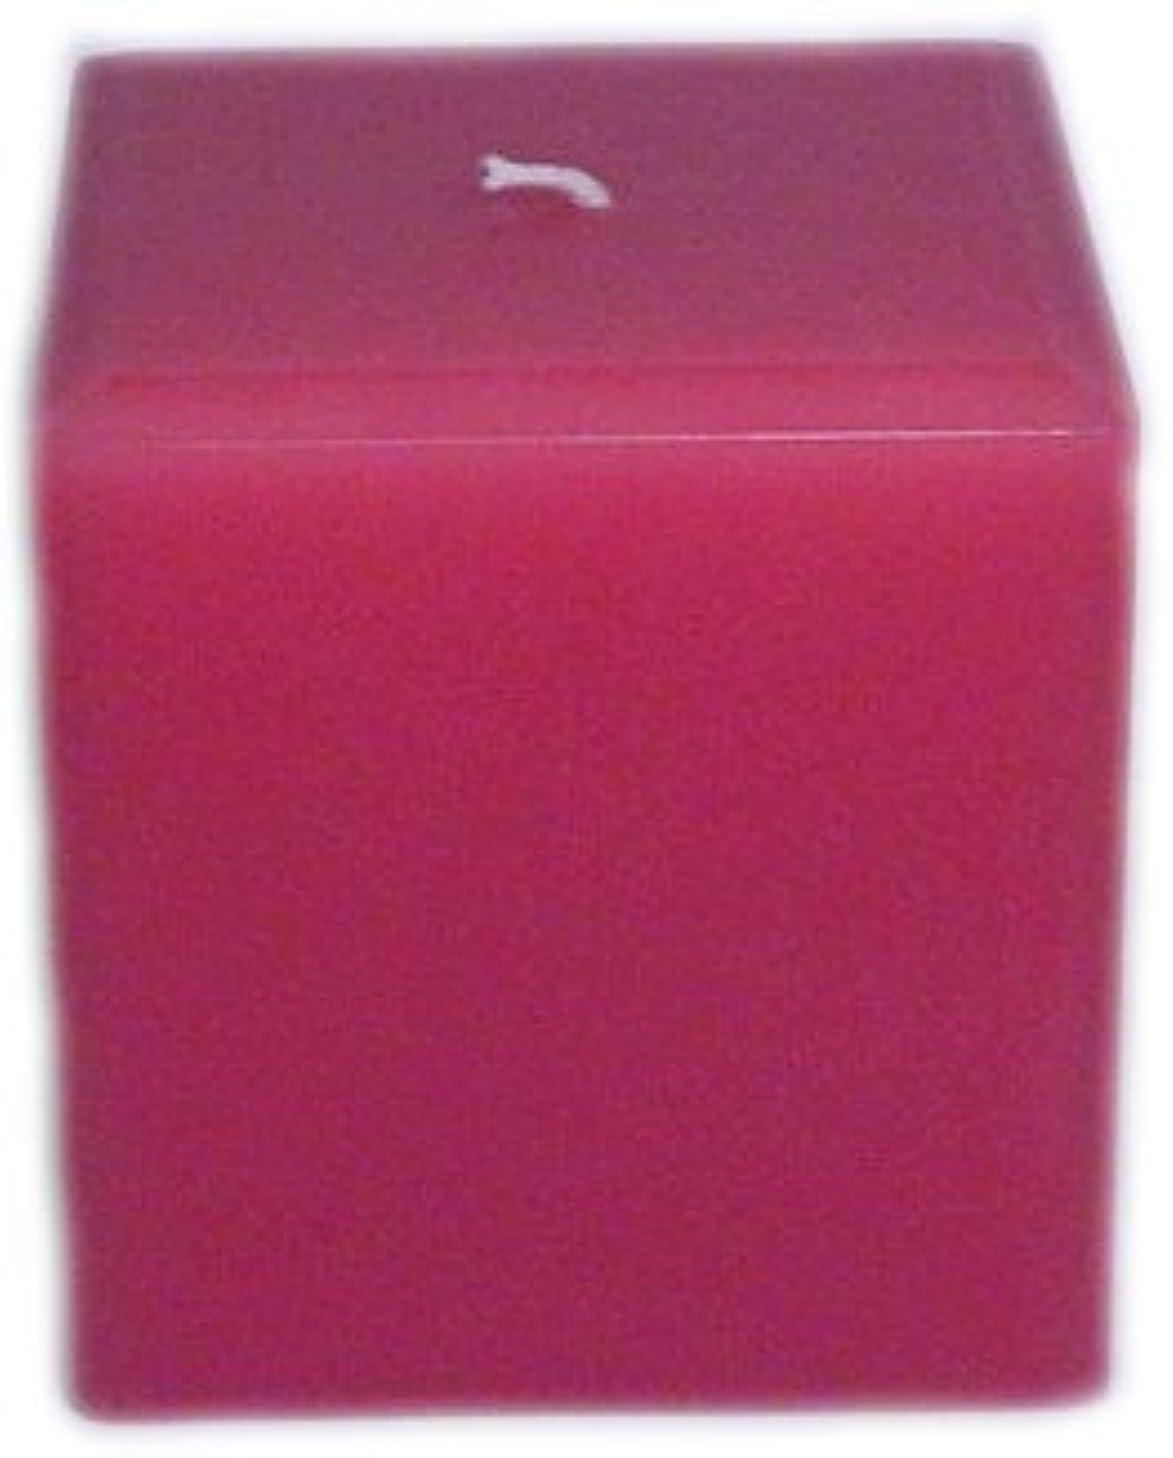 動作自動ピアニストTrinity Candle工場 – ユーカリ – Pillar Candle – 正方形 – 4 x 4